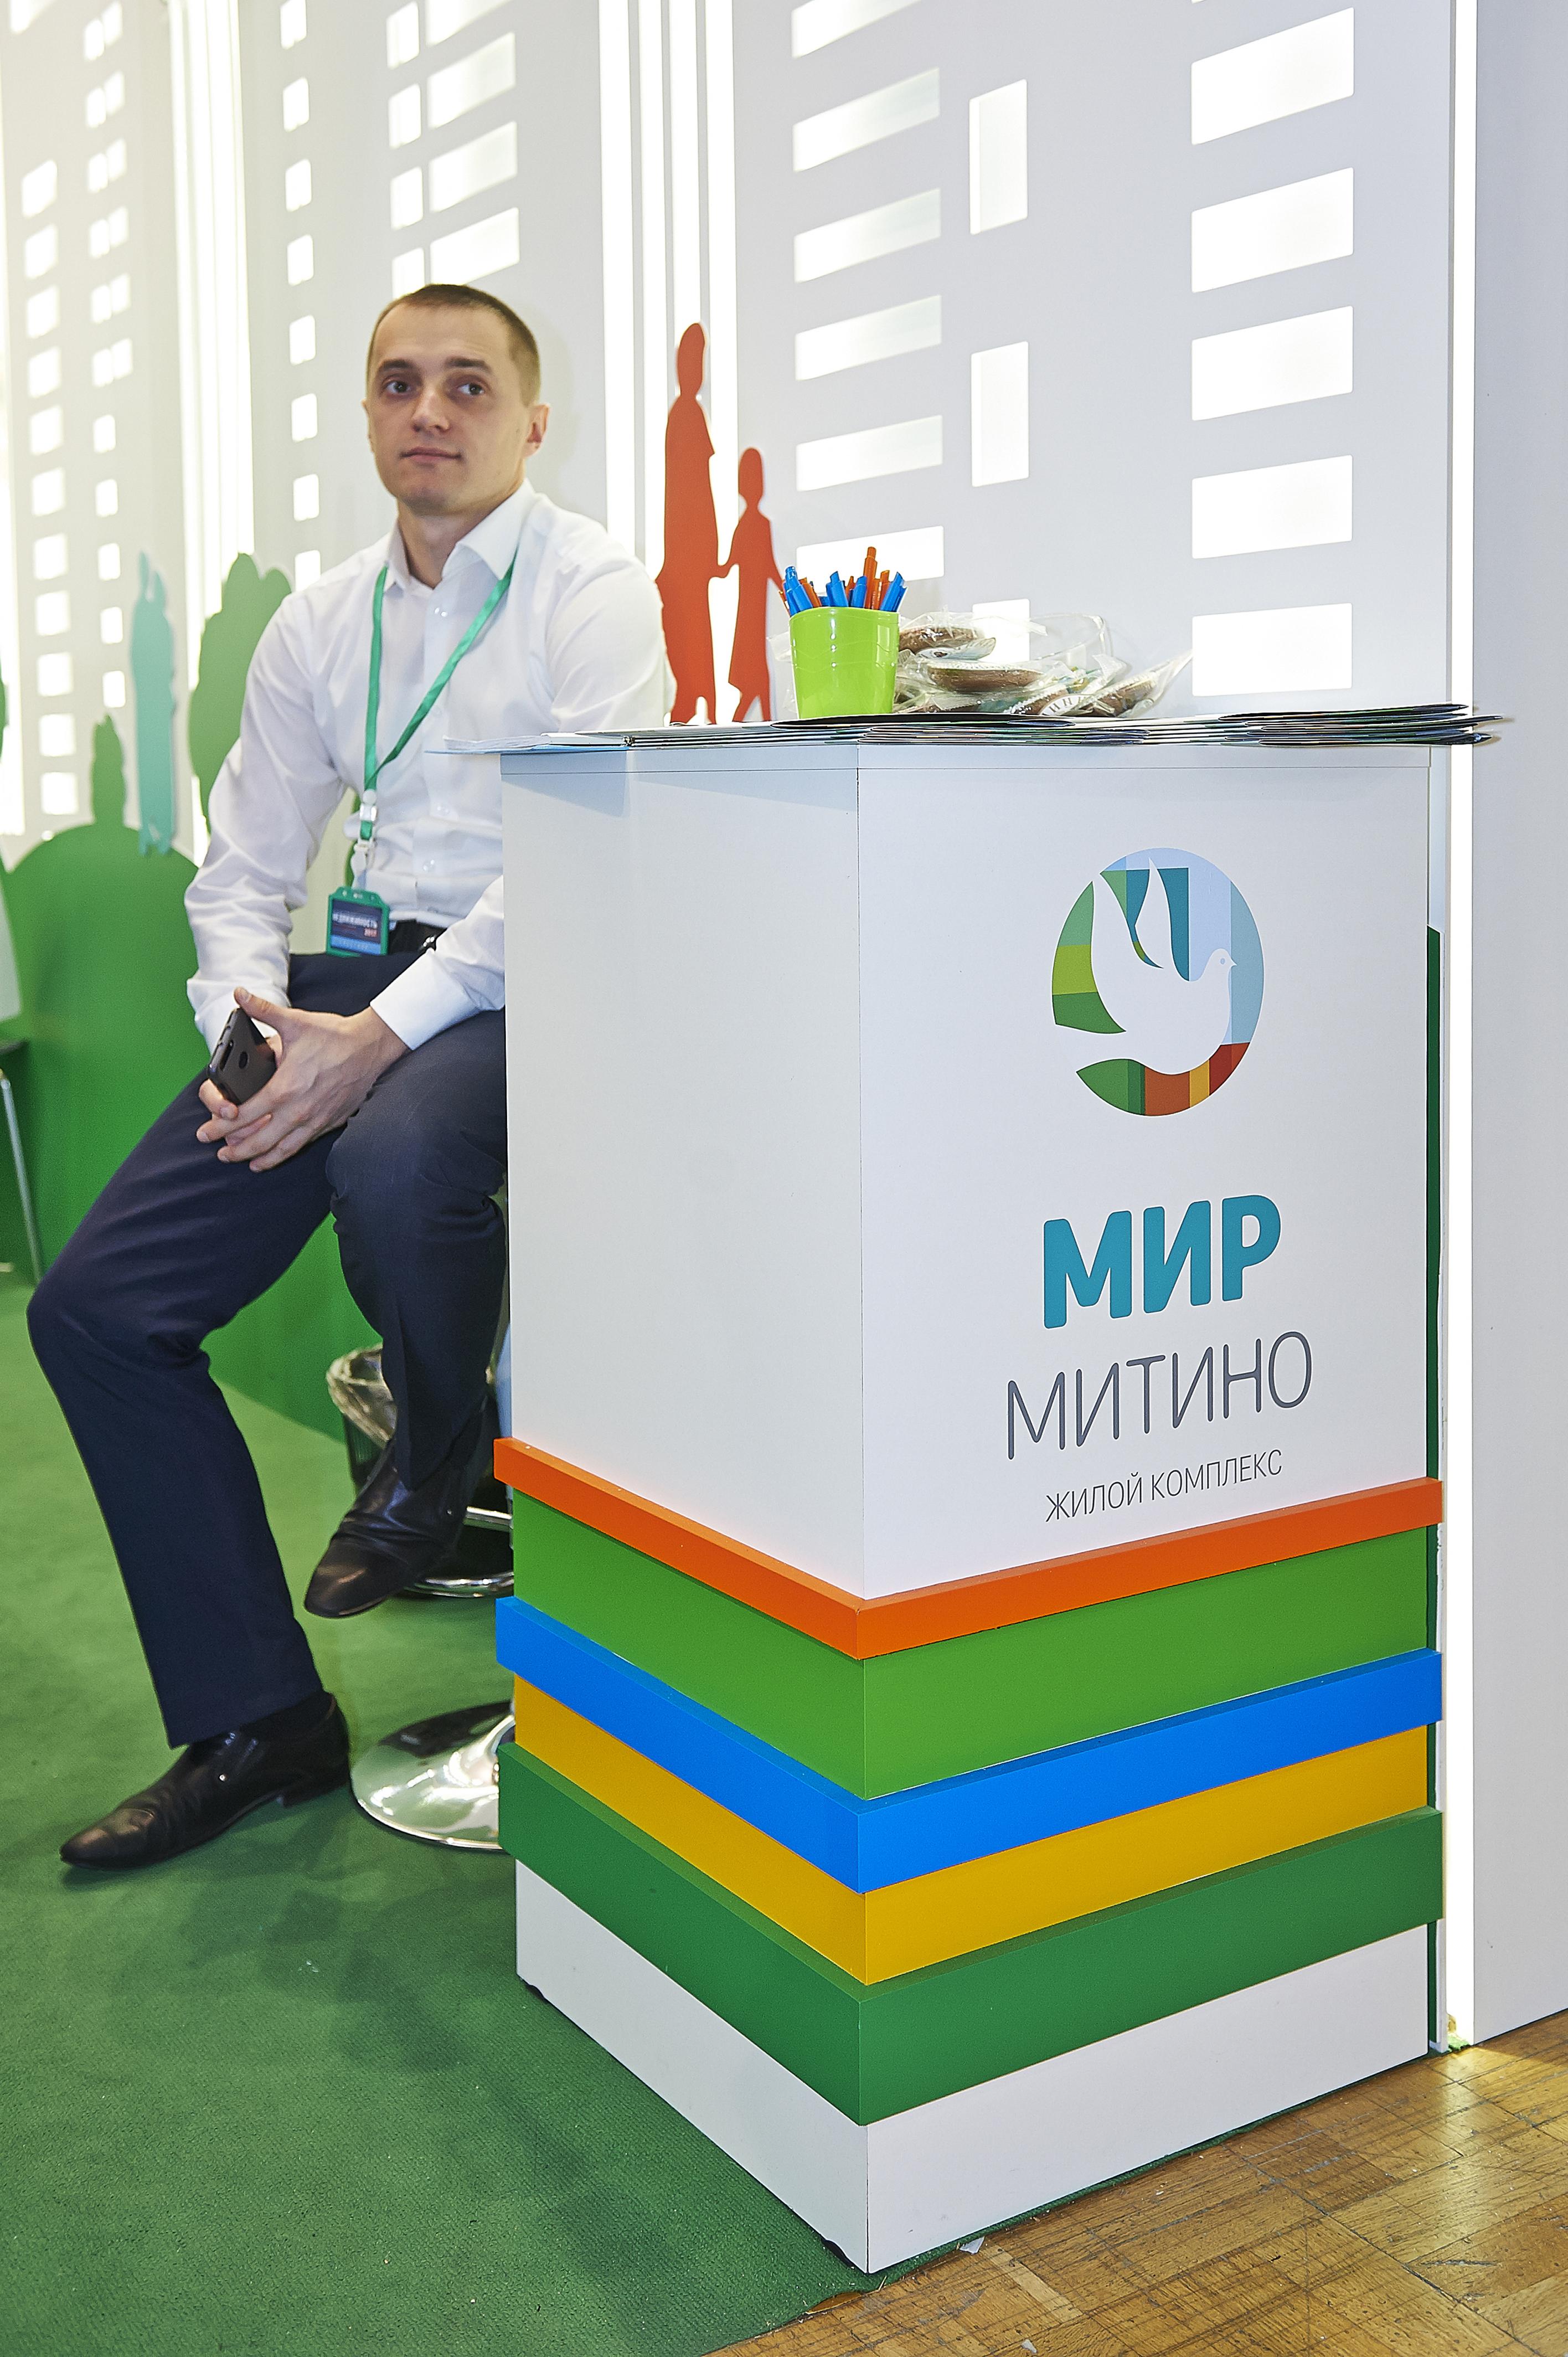 MirMitino_300dpi_14